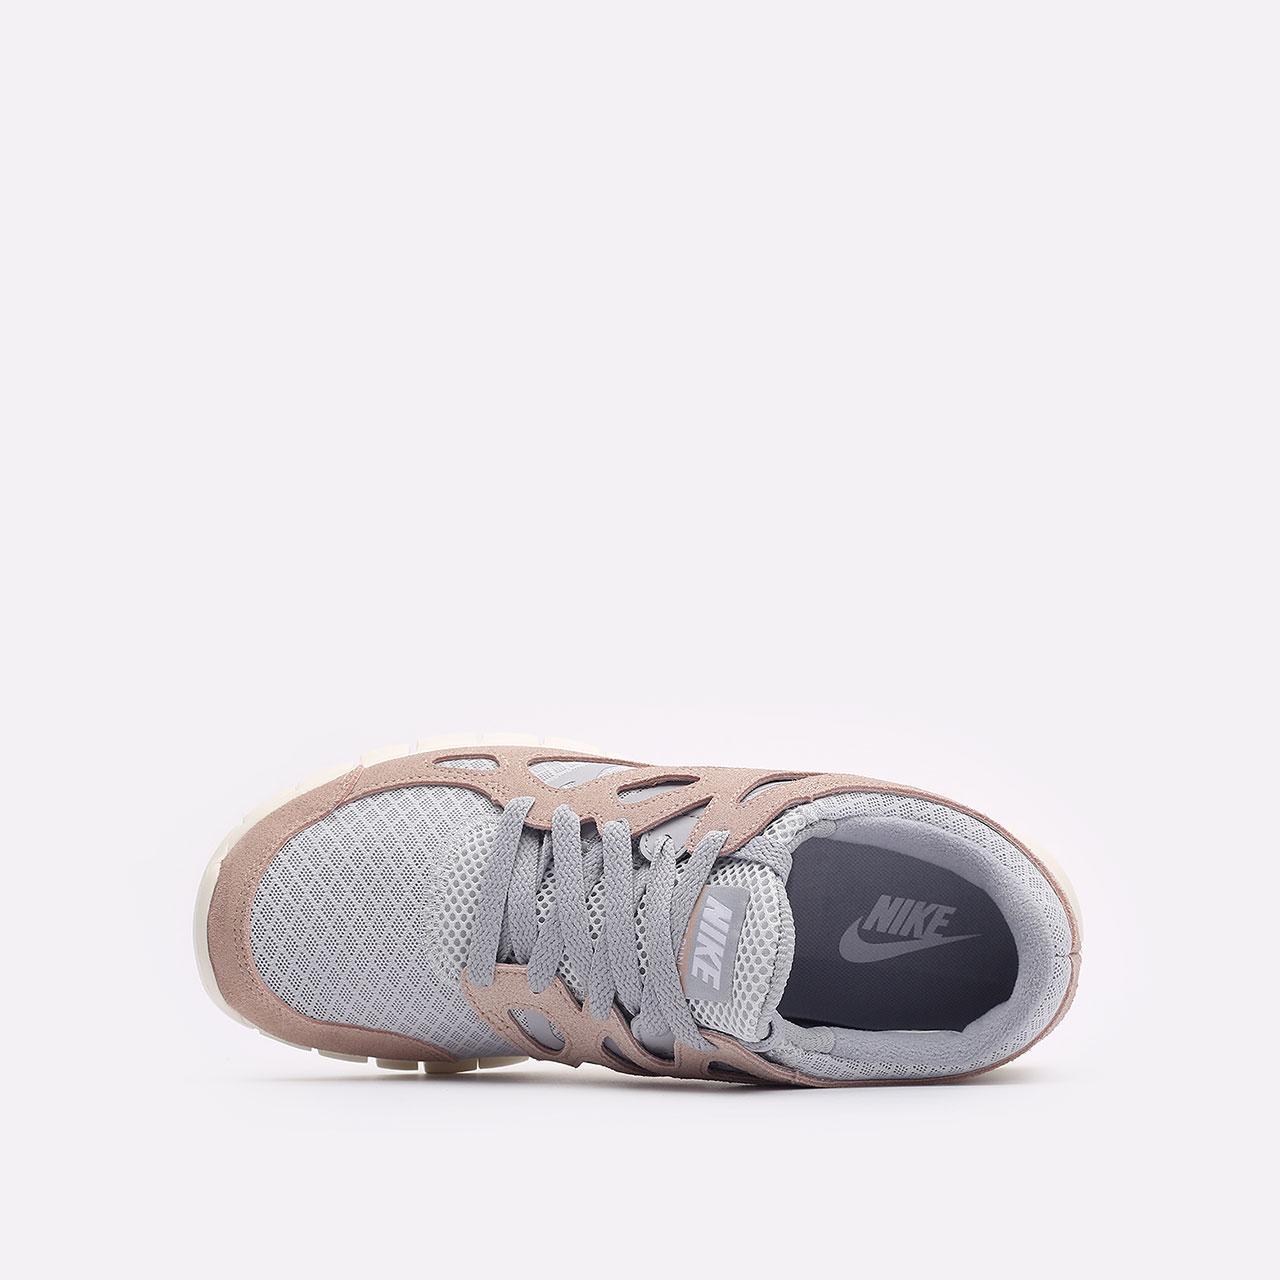 мужские бежевые  кроссовки nike free run 2 537732-013 - цена, описание, фото 6